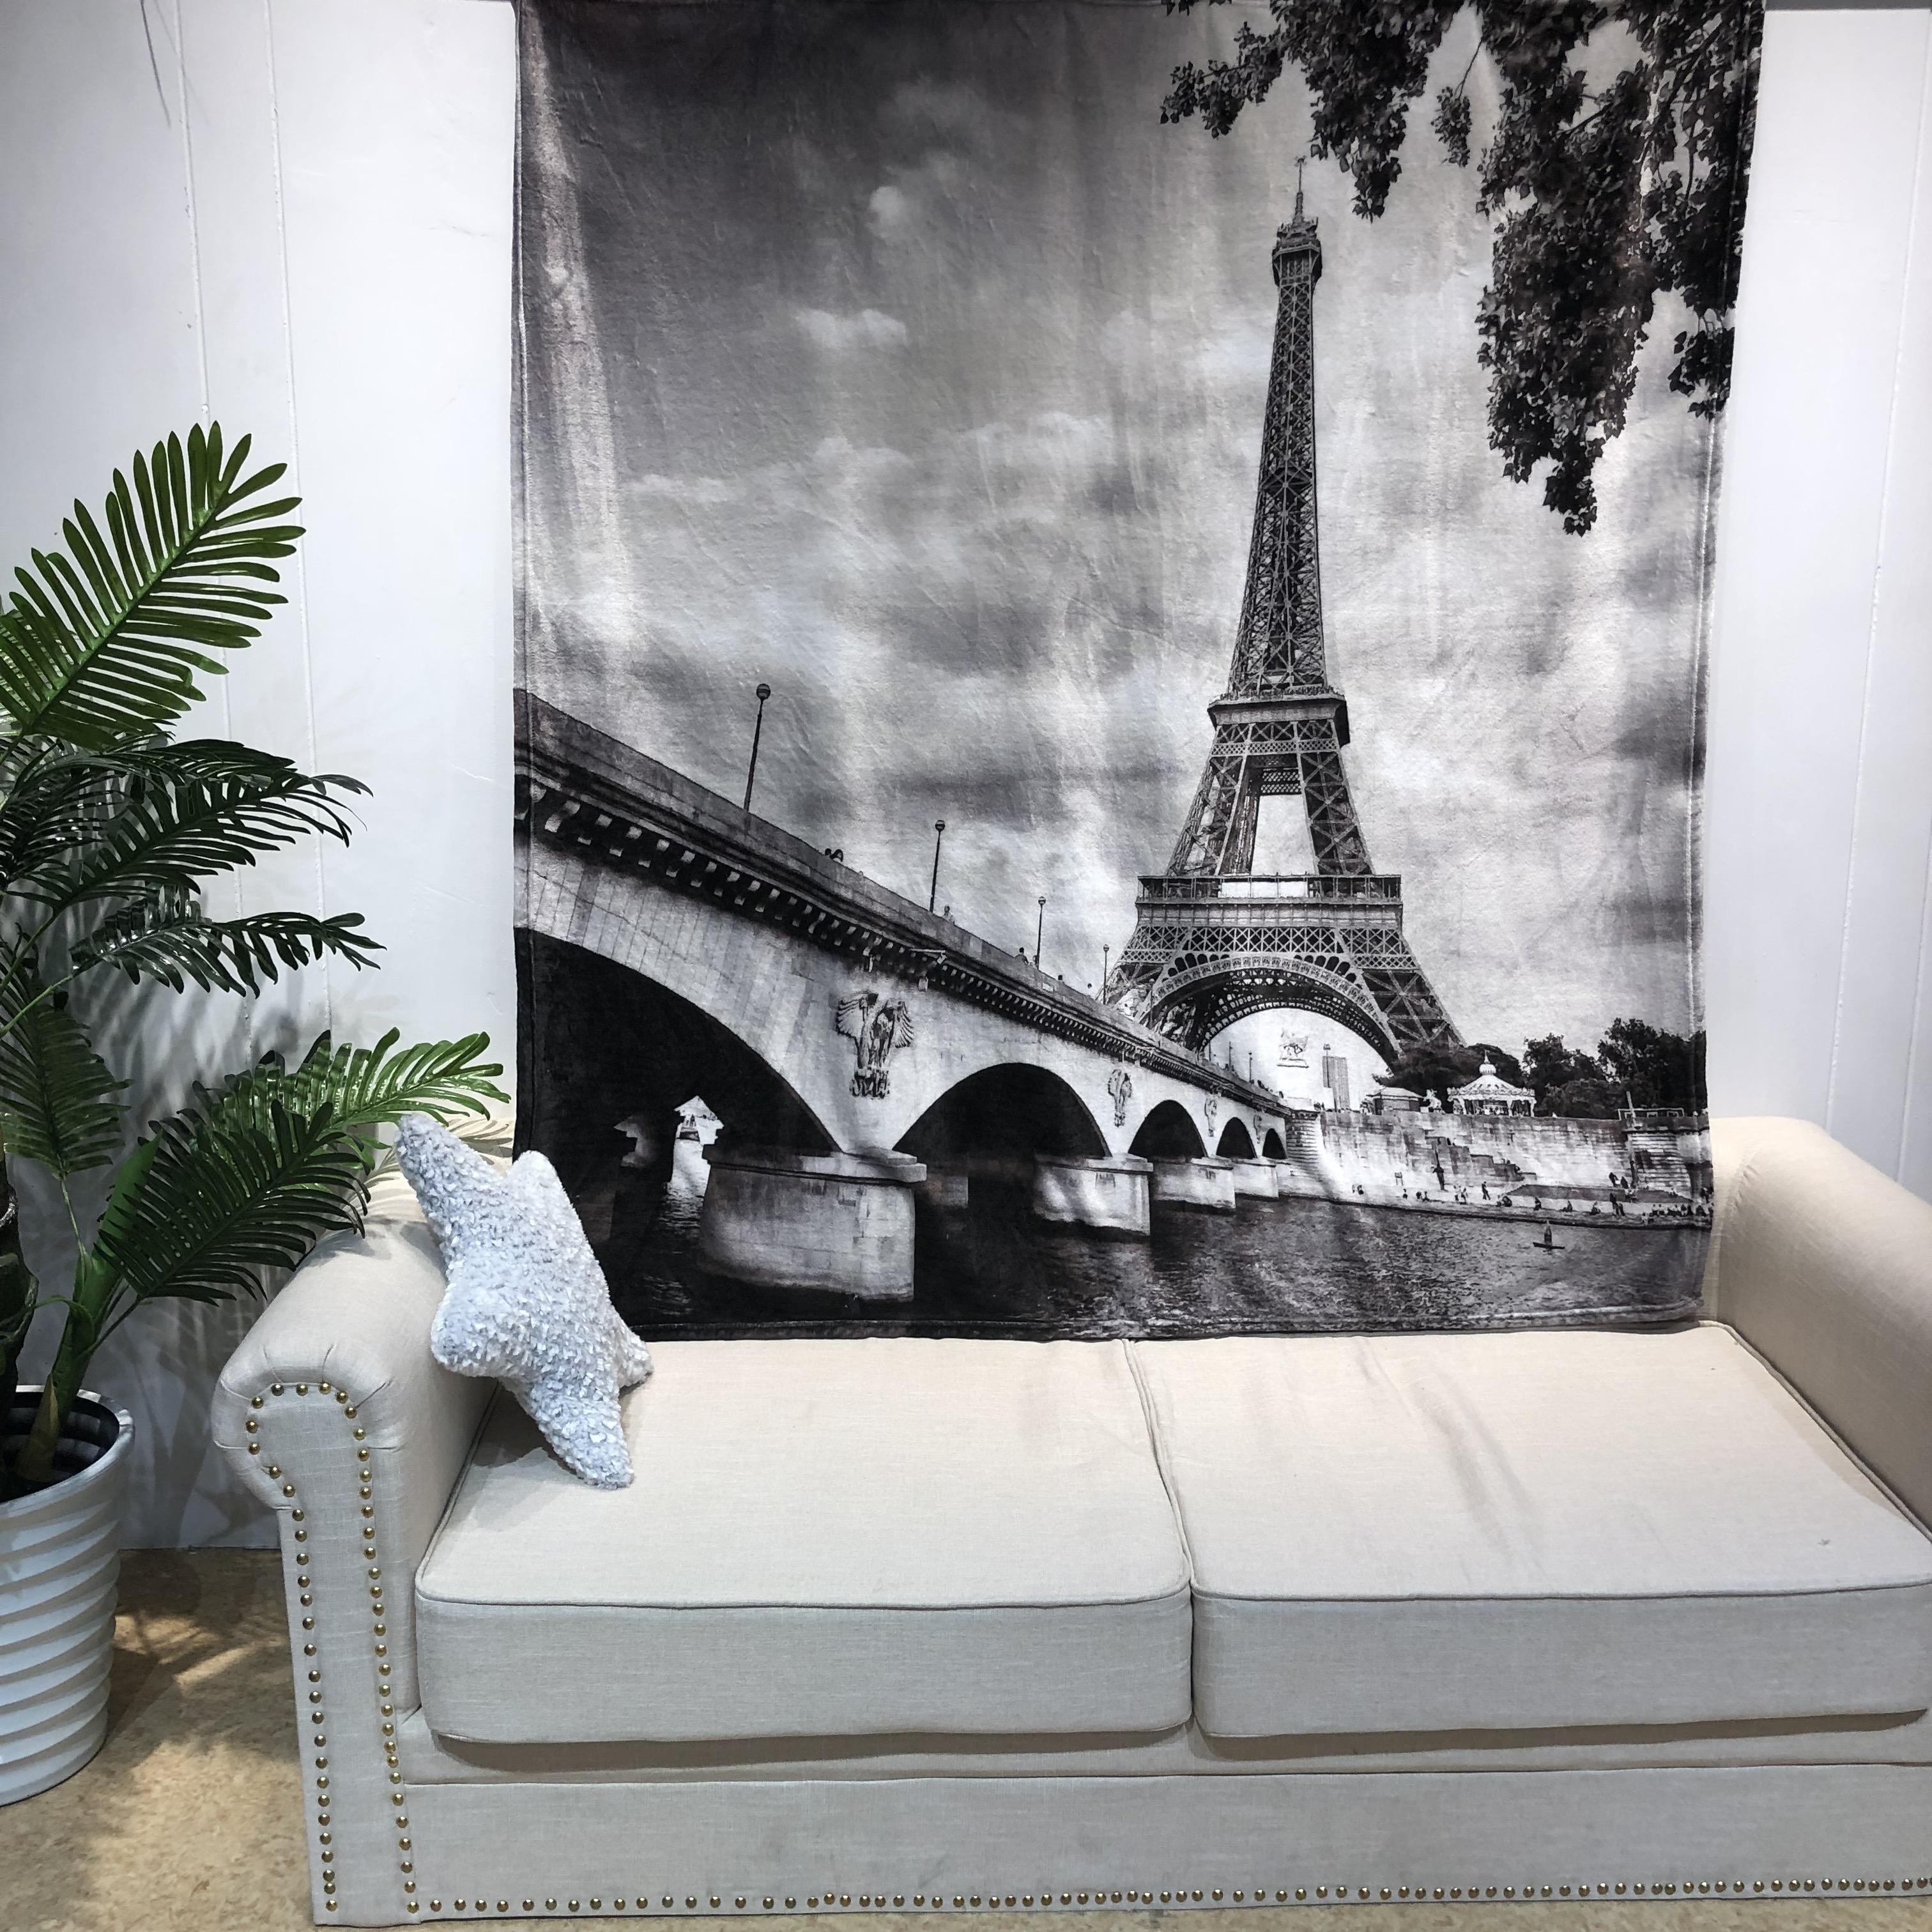 Супер мягкий HD retina печати фланель Флисовое одеяло пледы с 3D цифровой декорации узор дизайн